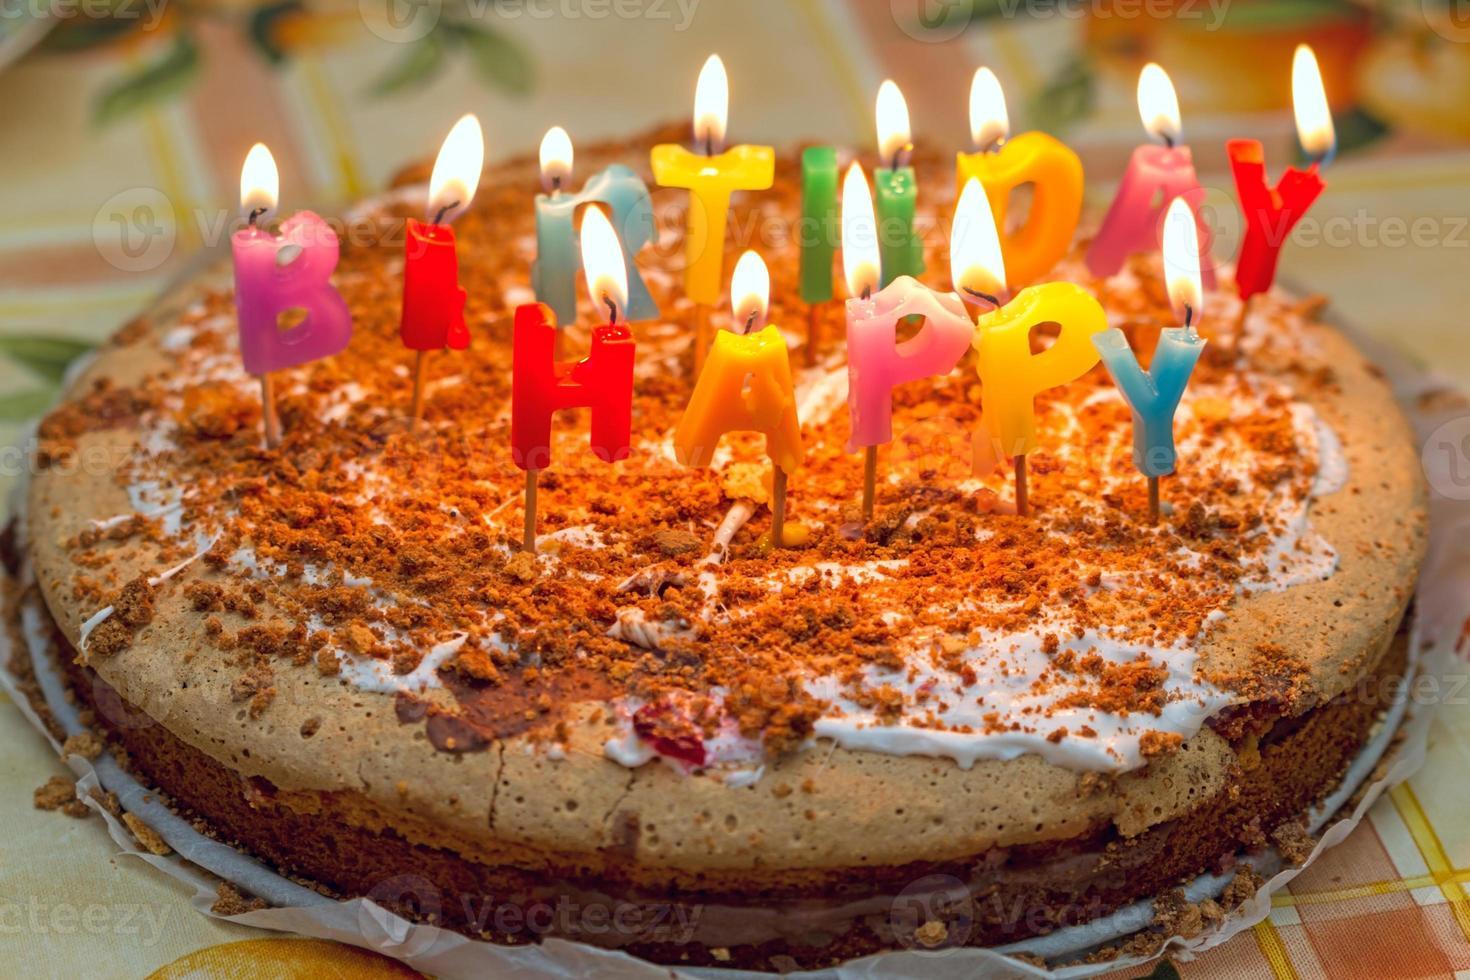 hausgemachte Geburtstagstorte foto